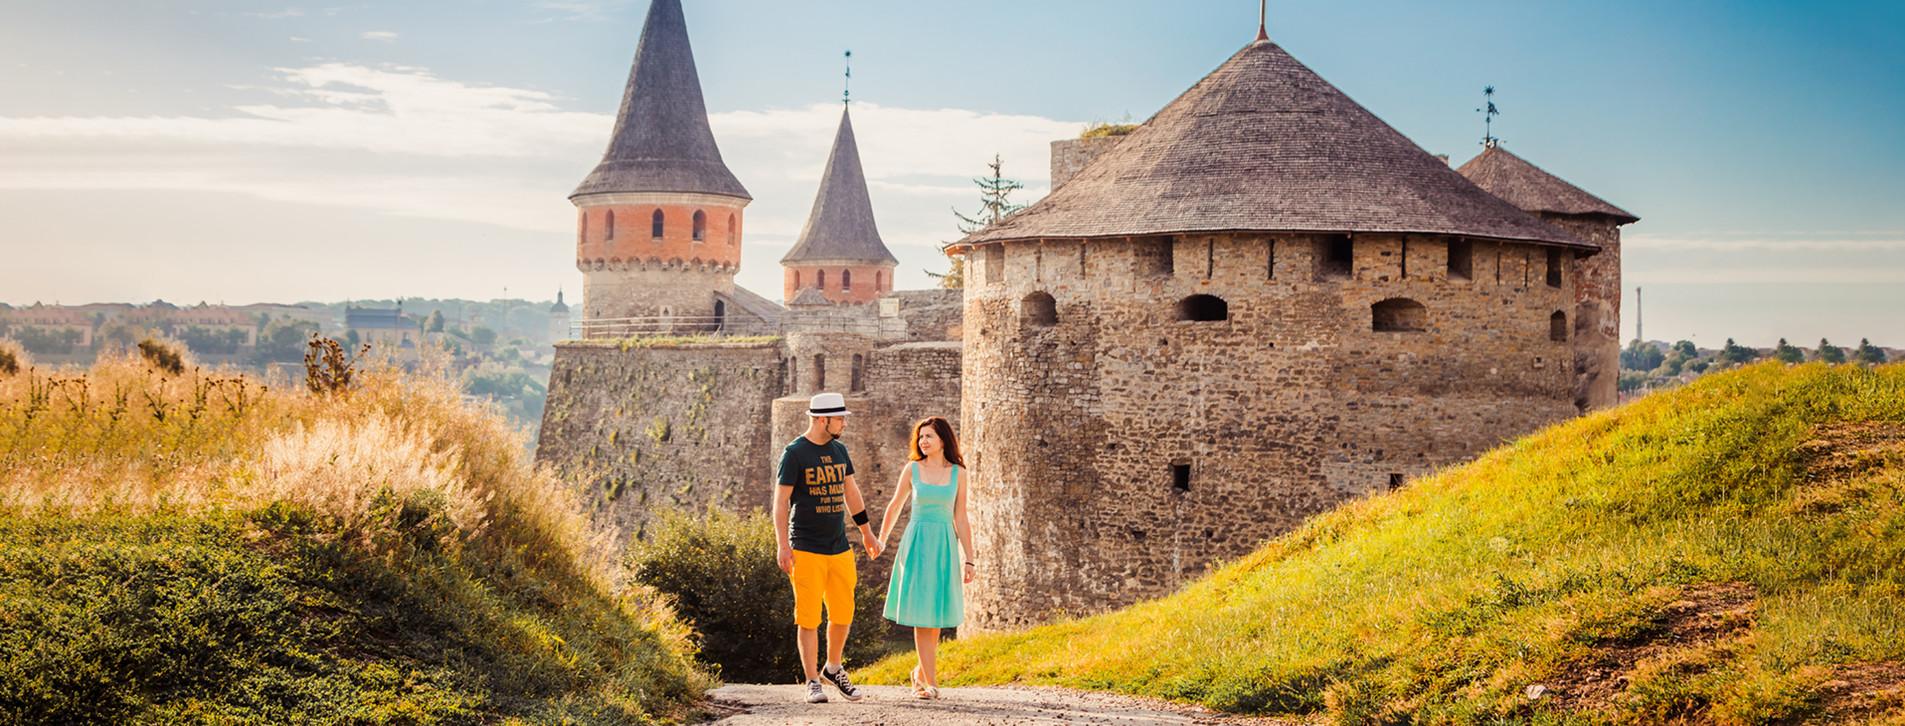 Фото - Тур в Черновцы, Каменец-Подольский, Хотин для двоих